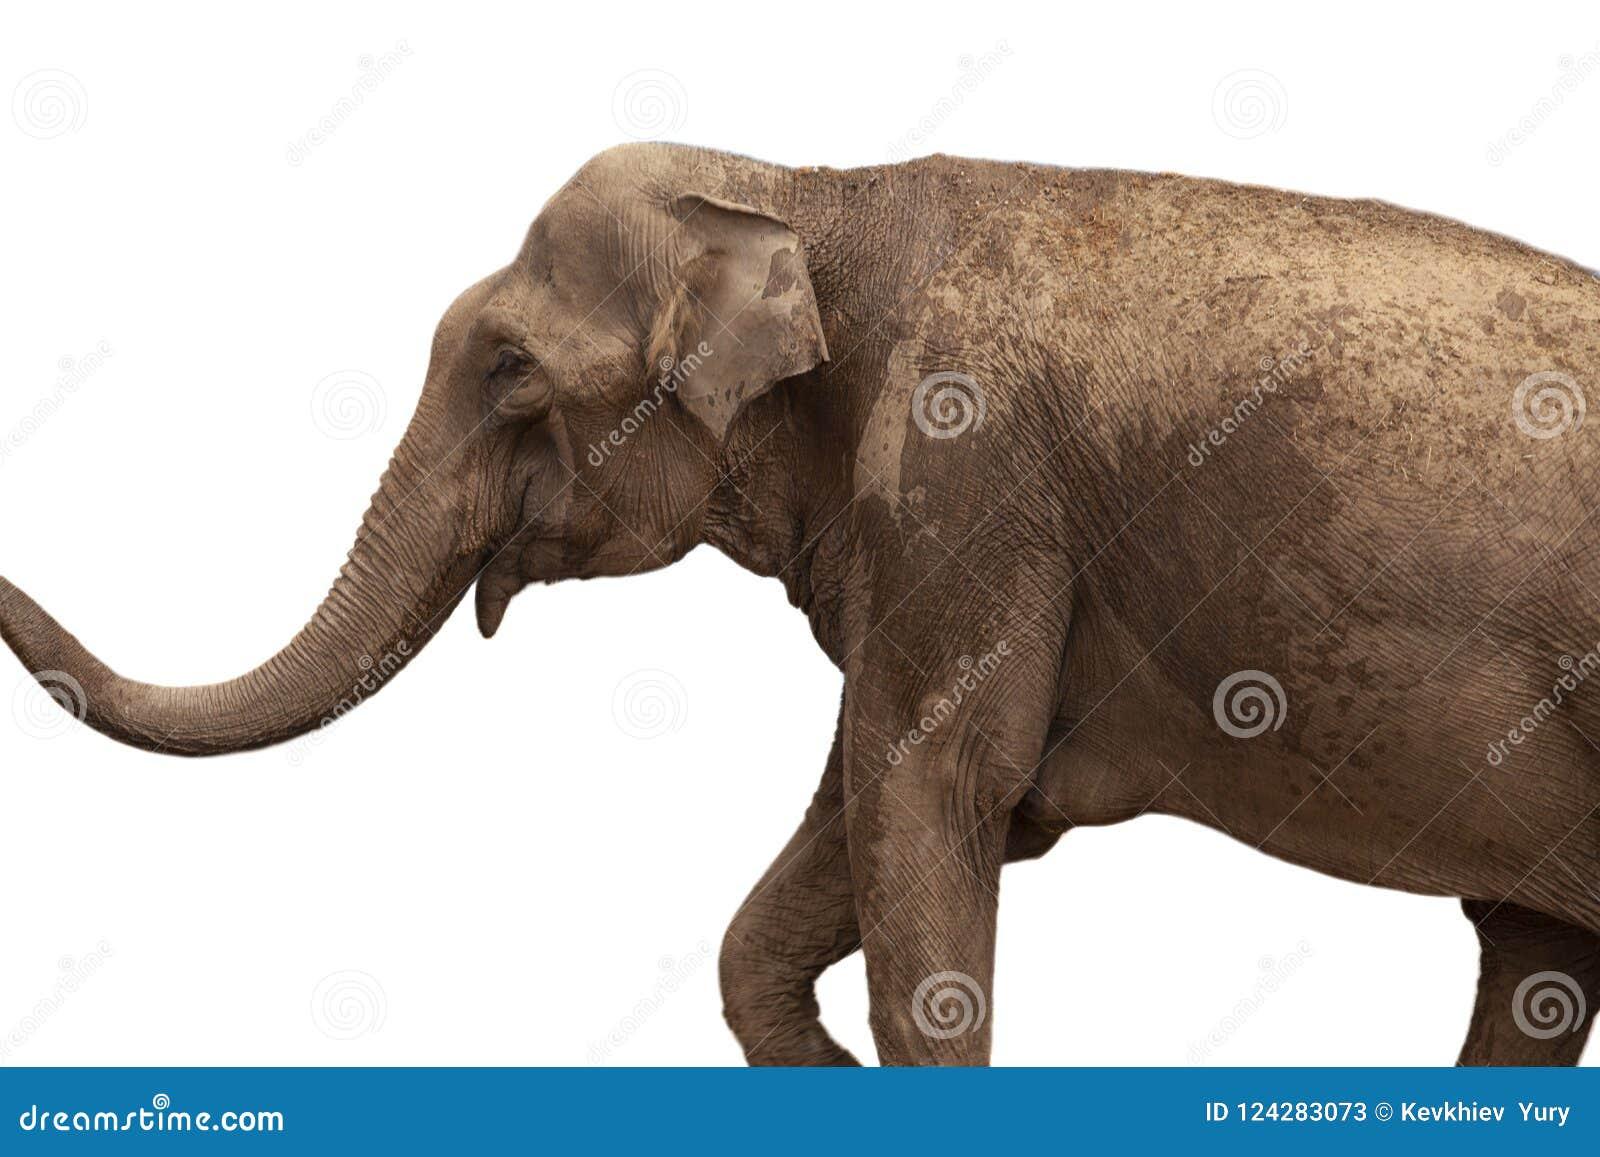 Afrikanischer Elefant lokalisiert auf weißem Hintergrund